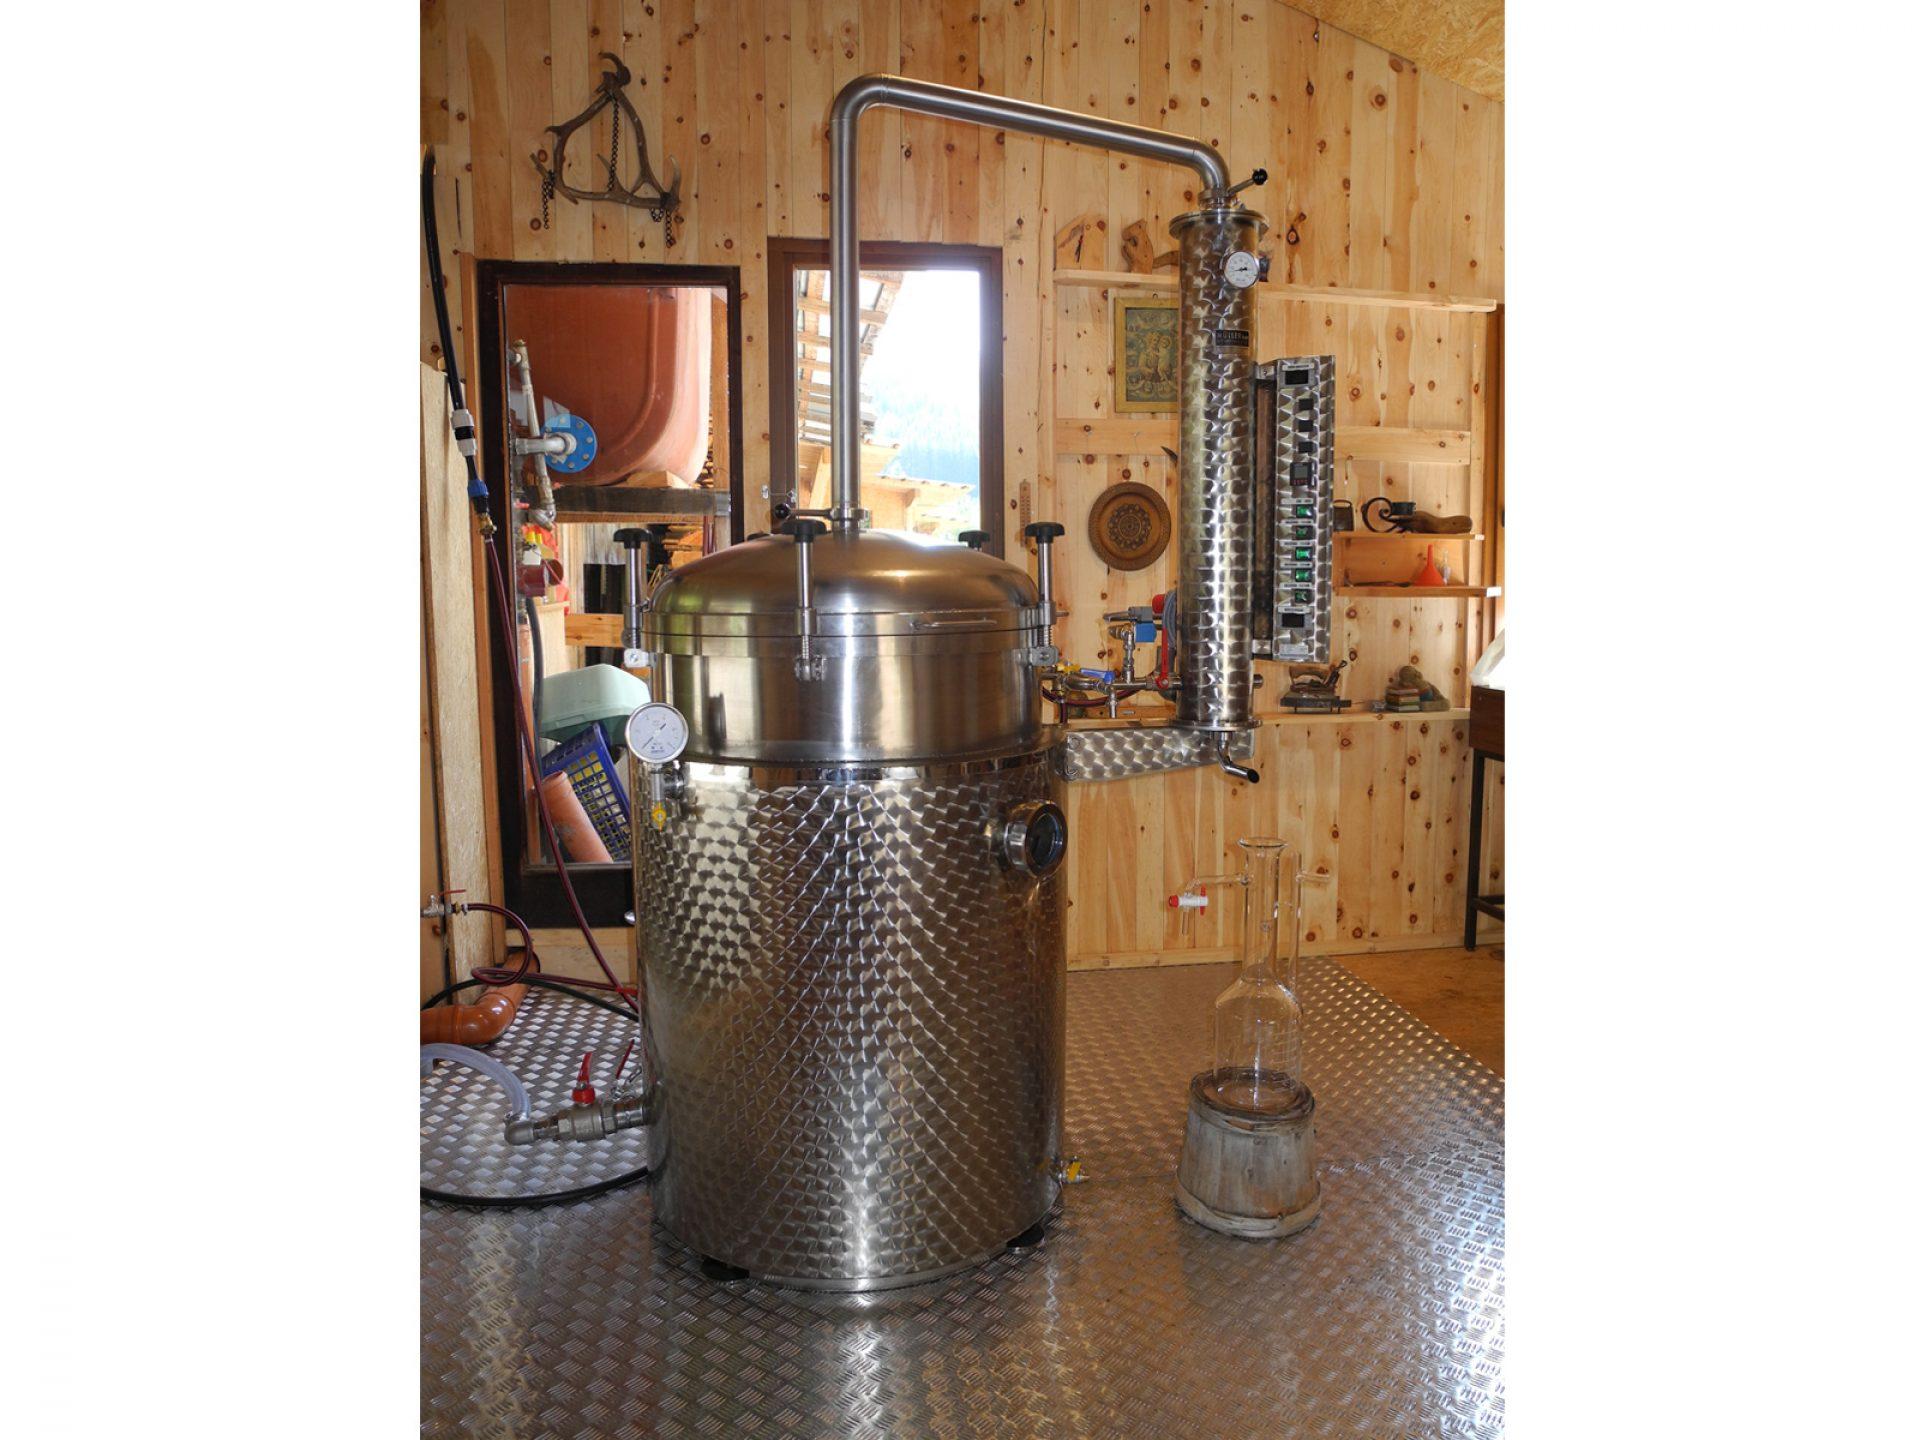 mueller-brennereianlagen-essentiell-oil-aetherische-oele-03